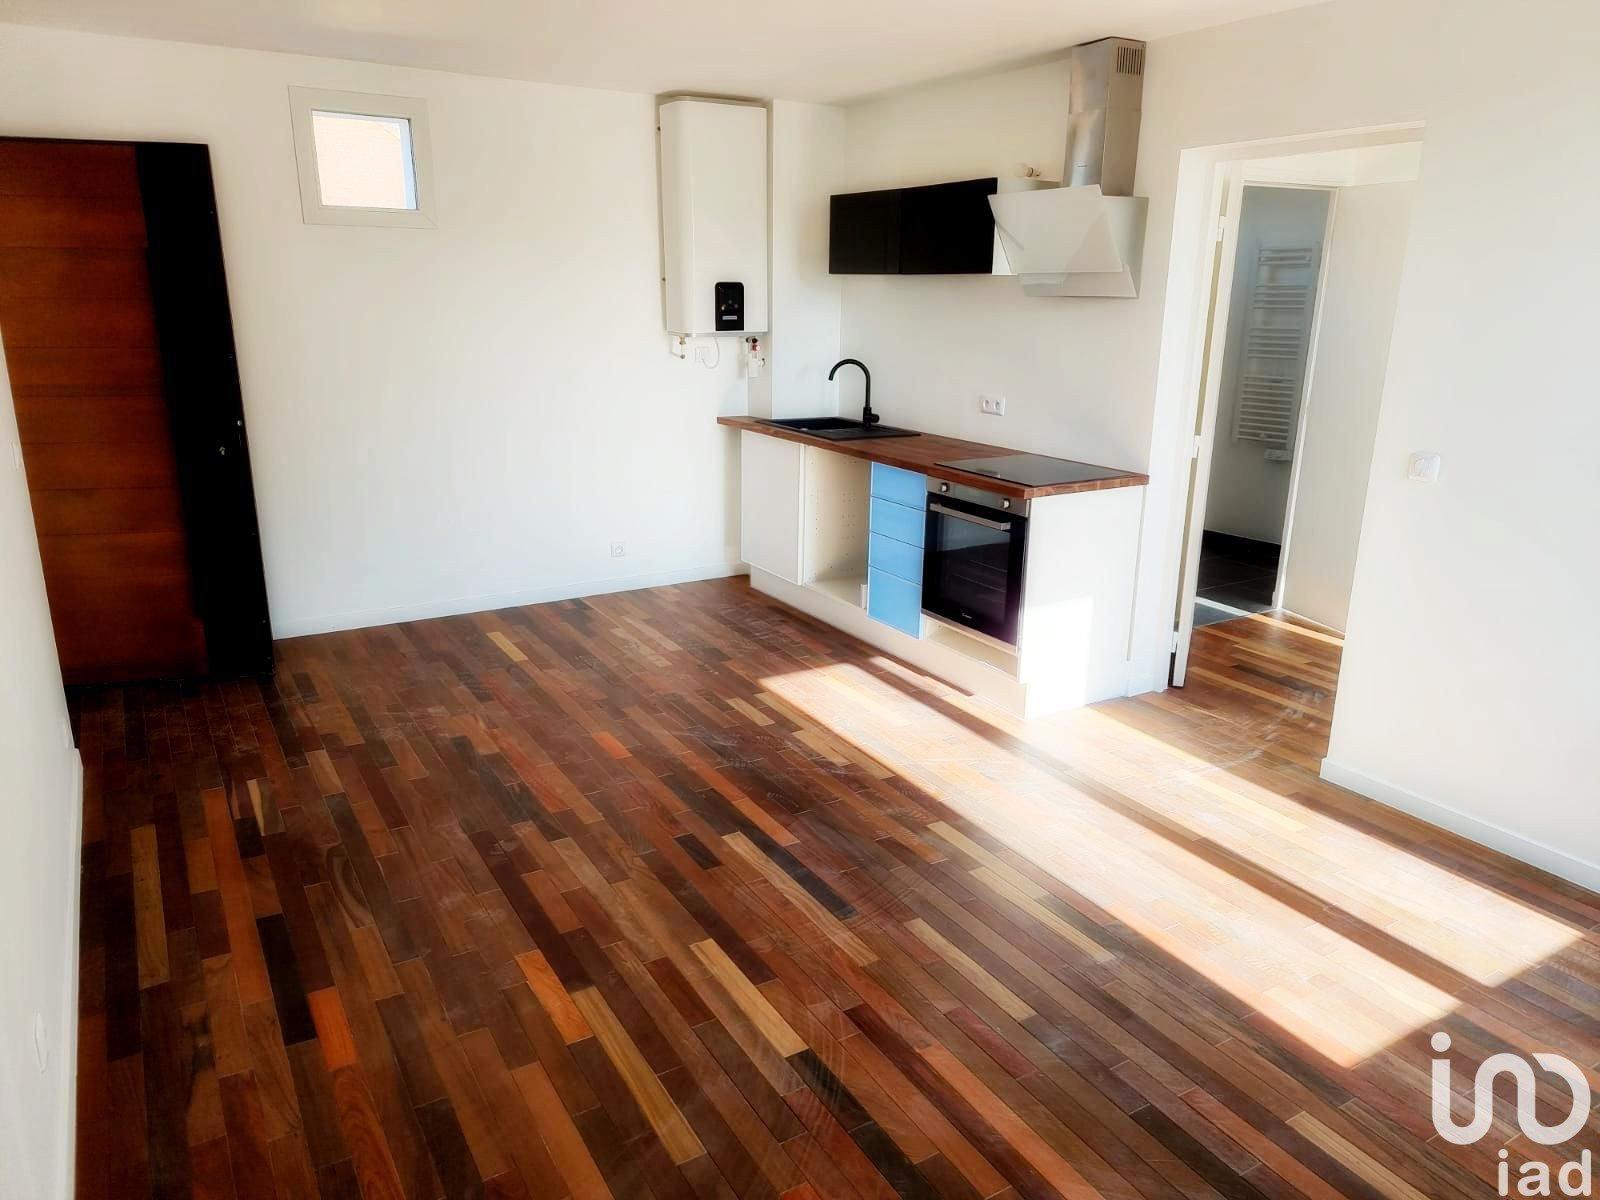 Appartement a vendre nanterre - 2 pièce(s) - 35 m2 - Surfyn